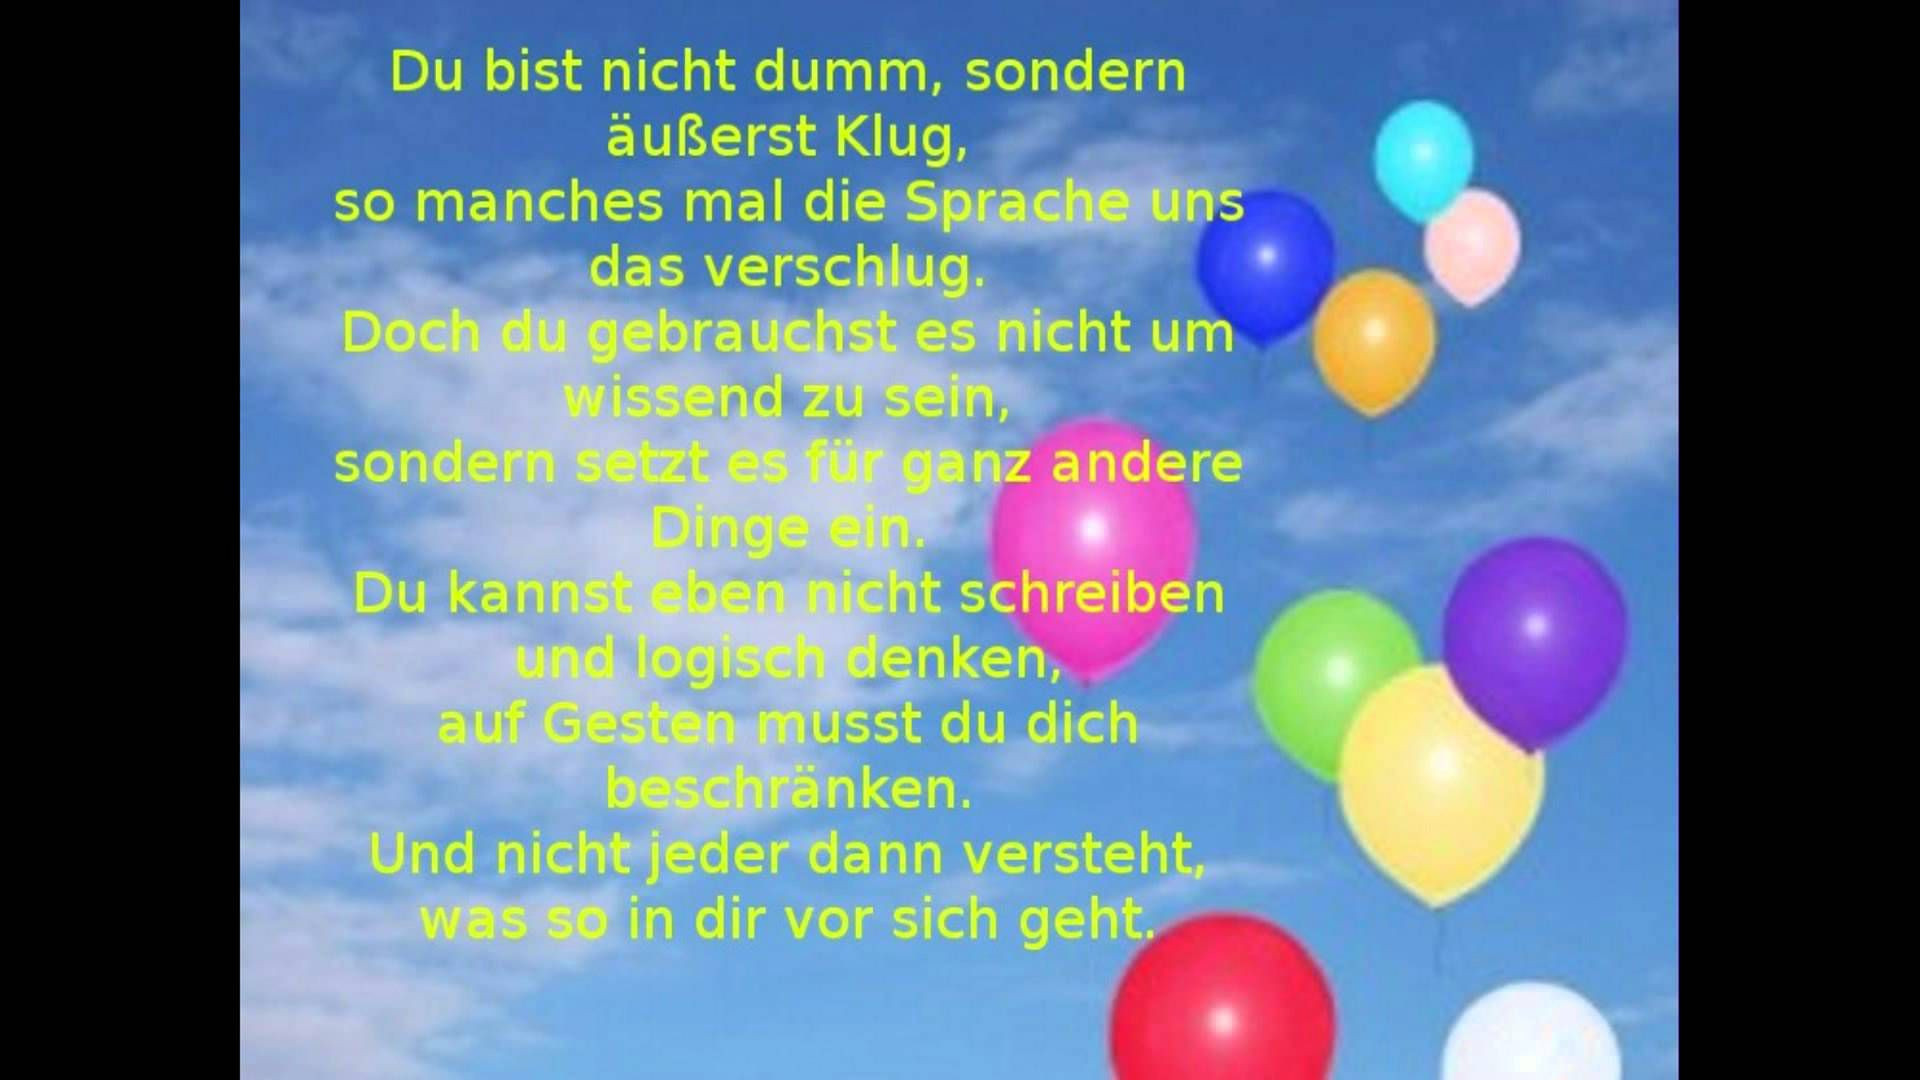 Lustige Geburtstagsgedichte  Alles Gute Zum Geburtstag Gedichte